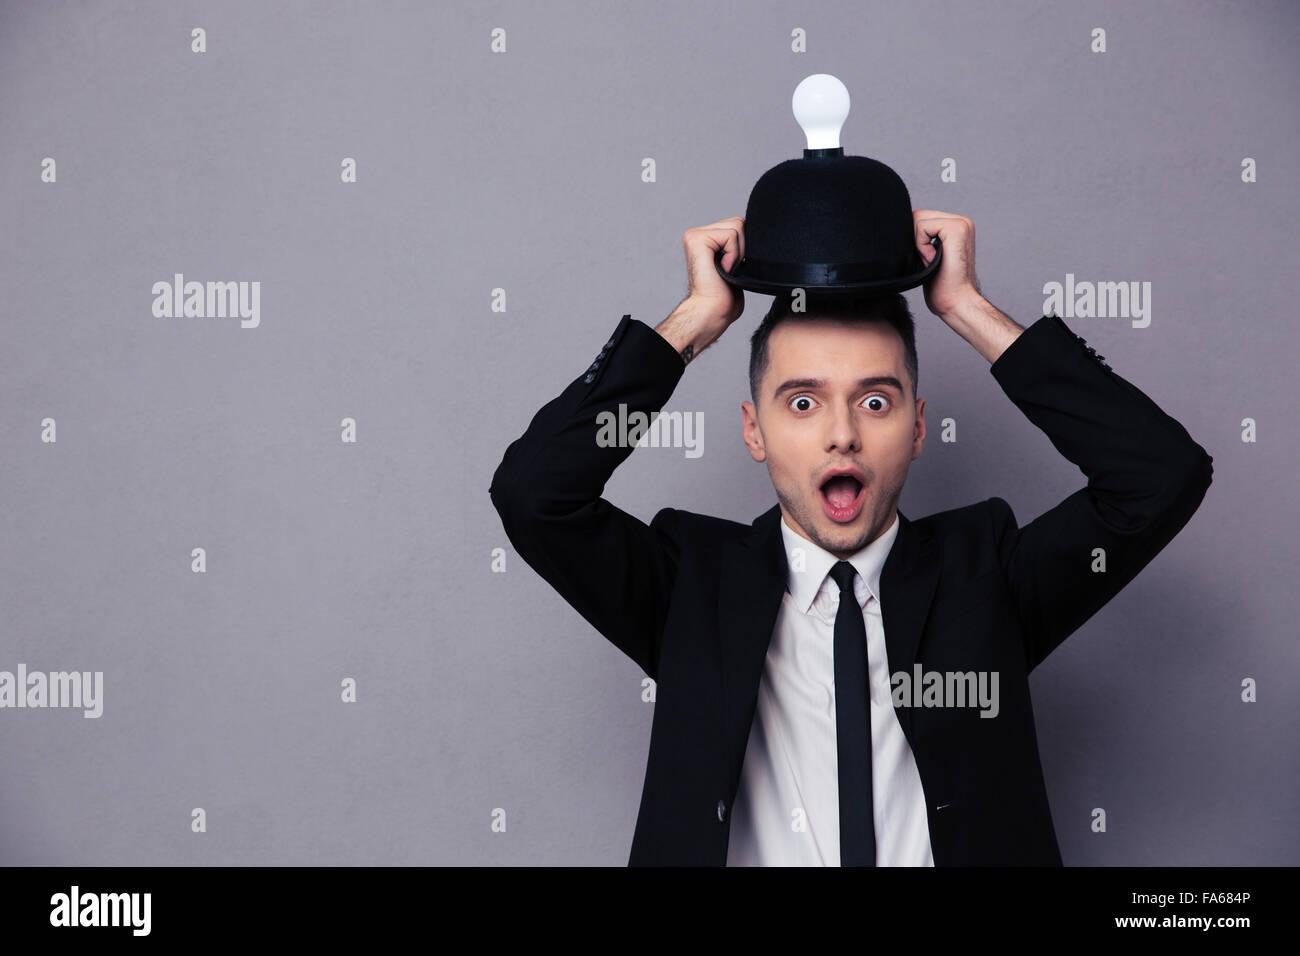 Konzept-Foto eines Geschäftsmannes, eine Vorstellung über den grauen Hintergrund Stockbild